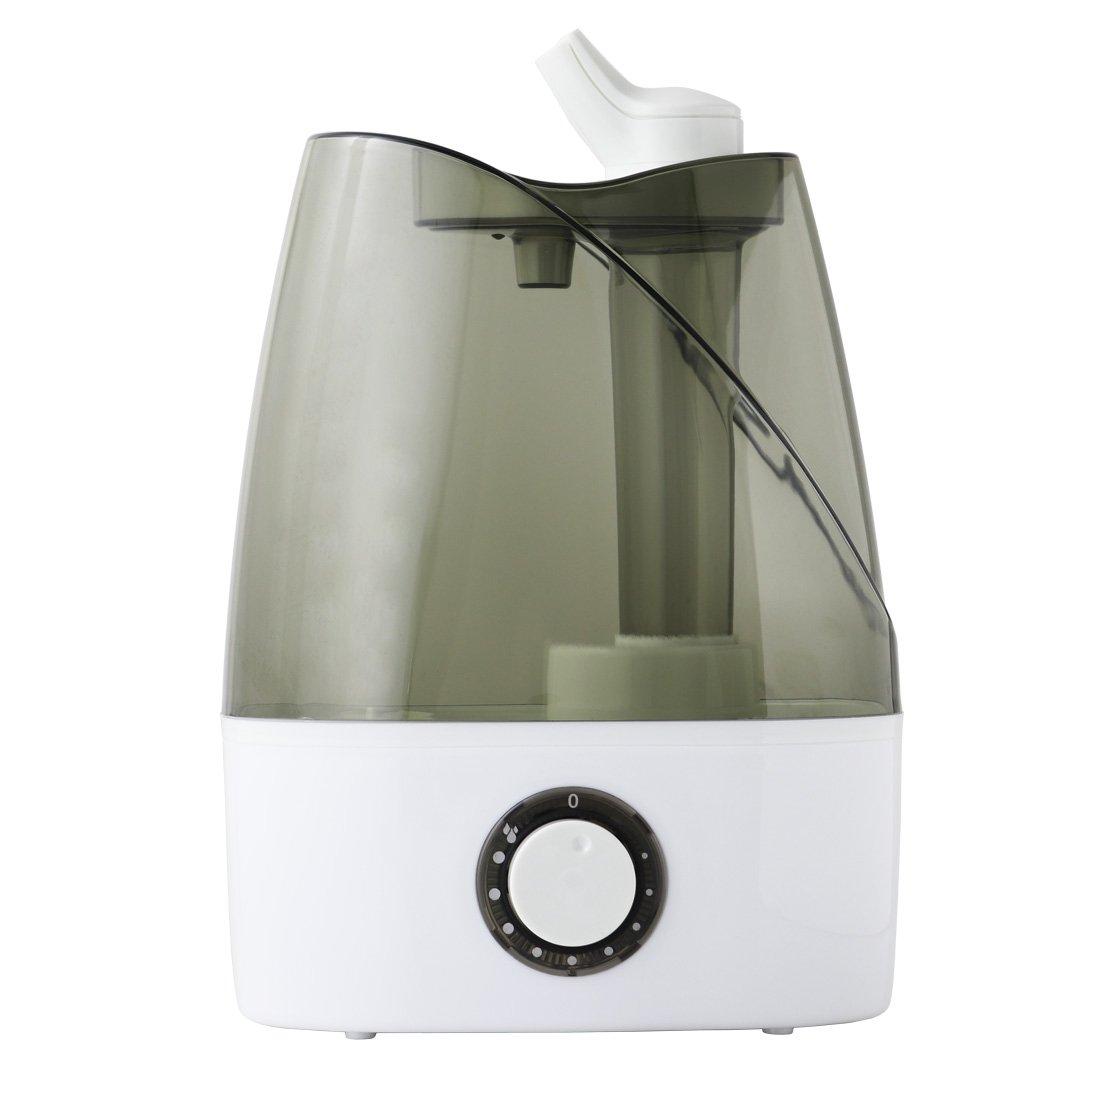 加湿器 卓上 床置き オフィス 寝室 超音波加湿器 大容量 4L 静音 アロマ対応 2方向吹き出し口 ミスト量無段階調節 Oasis加湿器J35###Oasis加湿器J35###